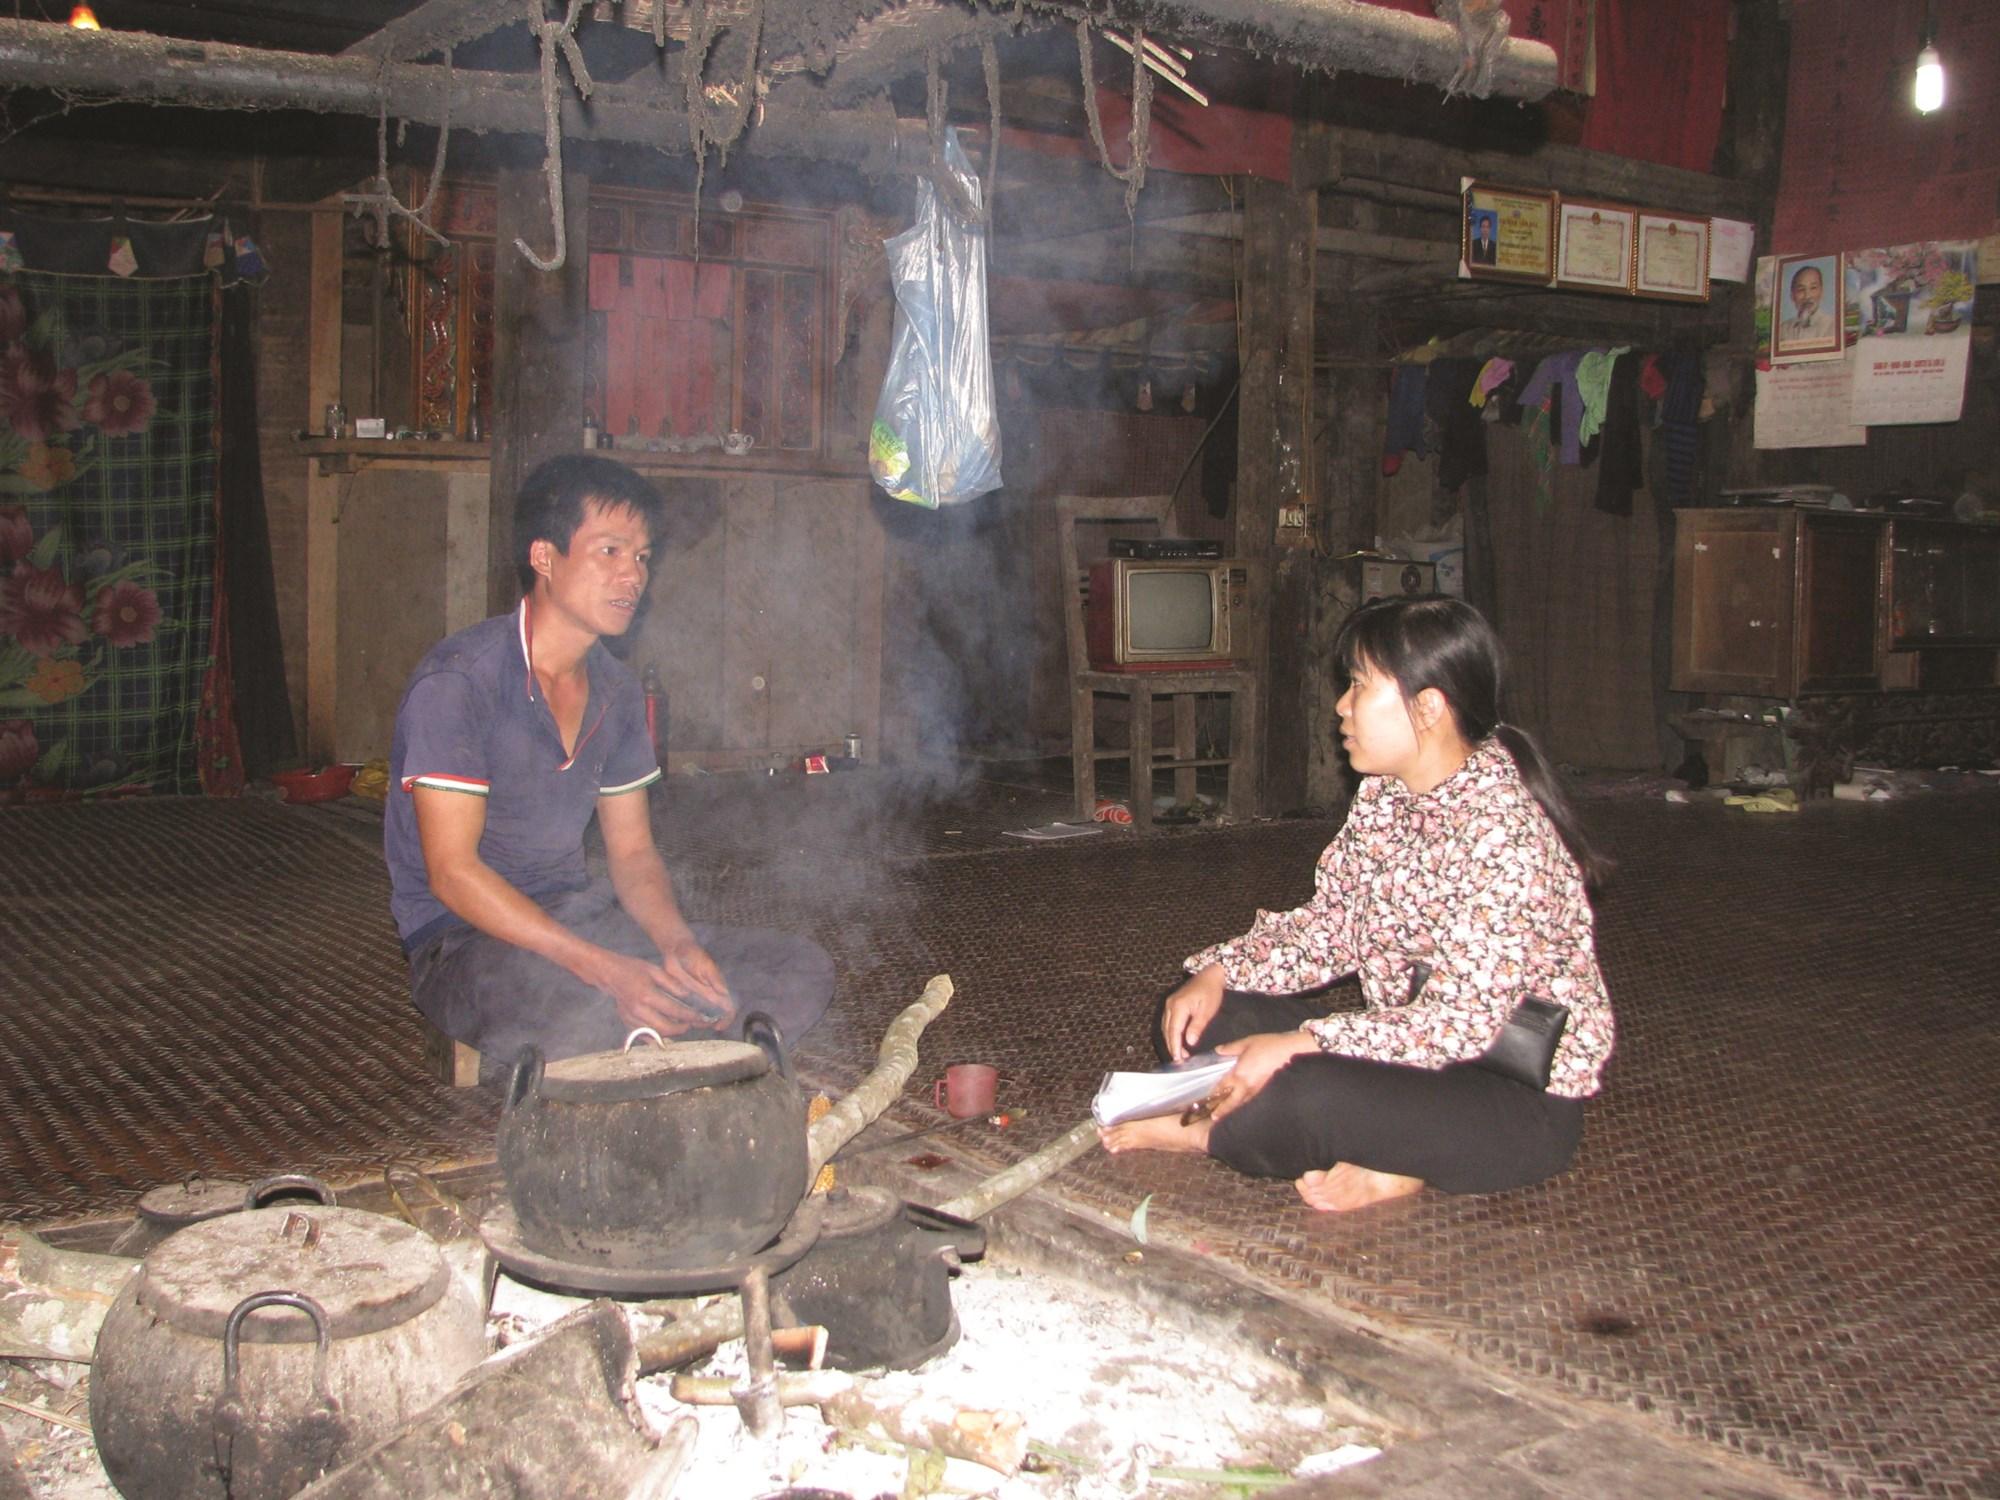 Cán bộ Phòng Dân tộc huyện Bảo Lạc trao đổi, nắm tình hình đời sống đồng bào dân tộc trên địa bàn.